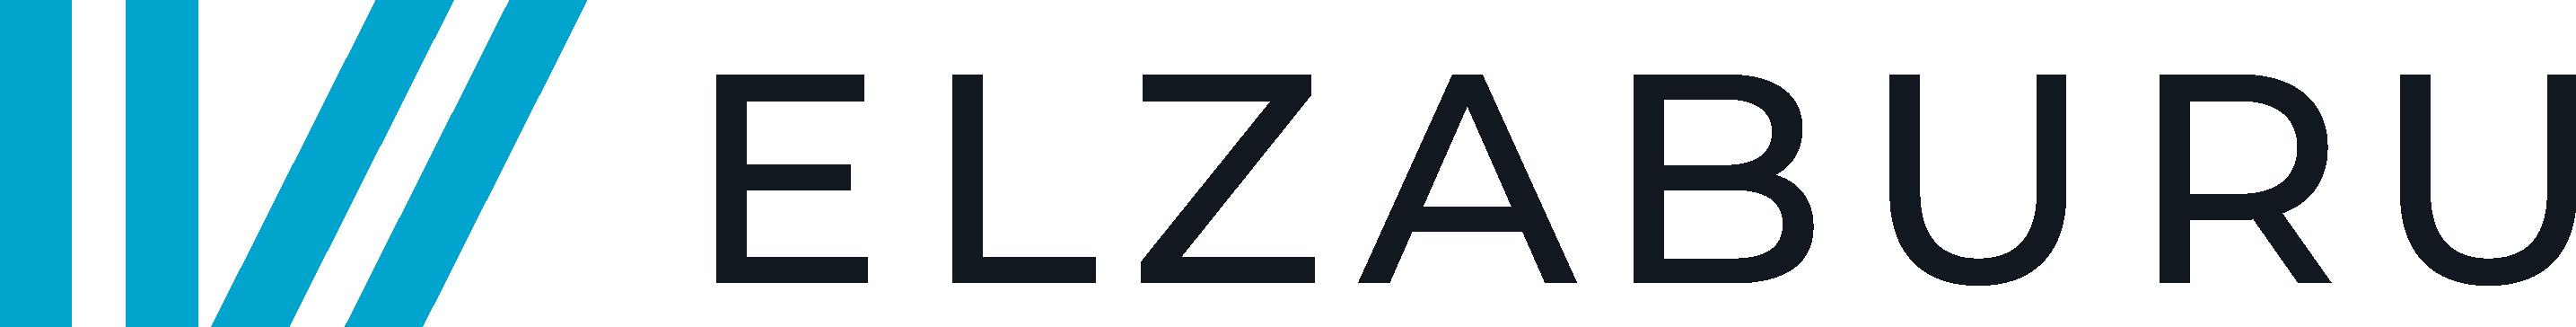 Elzaburu